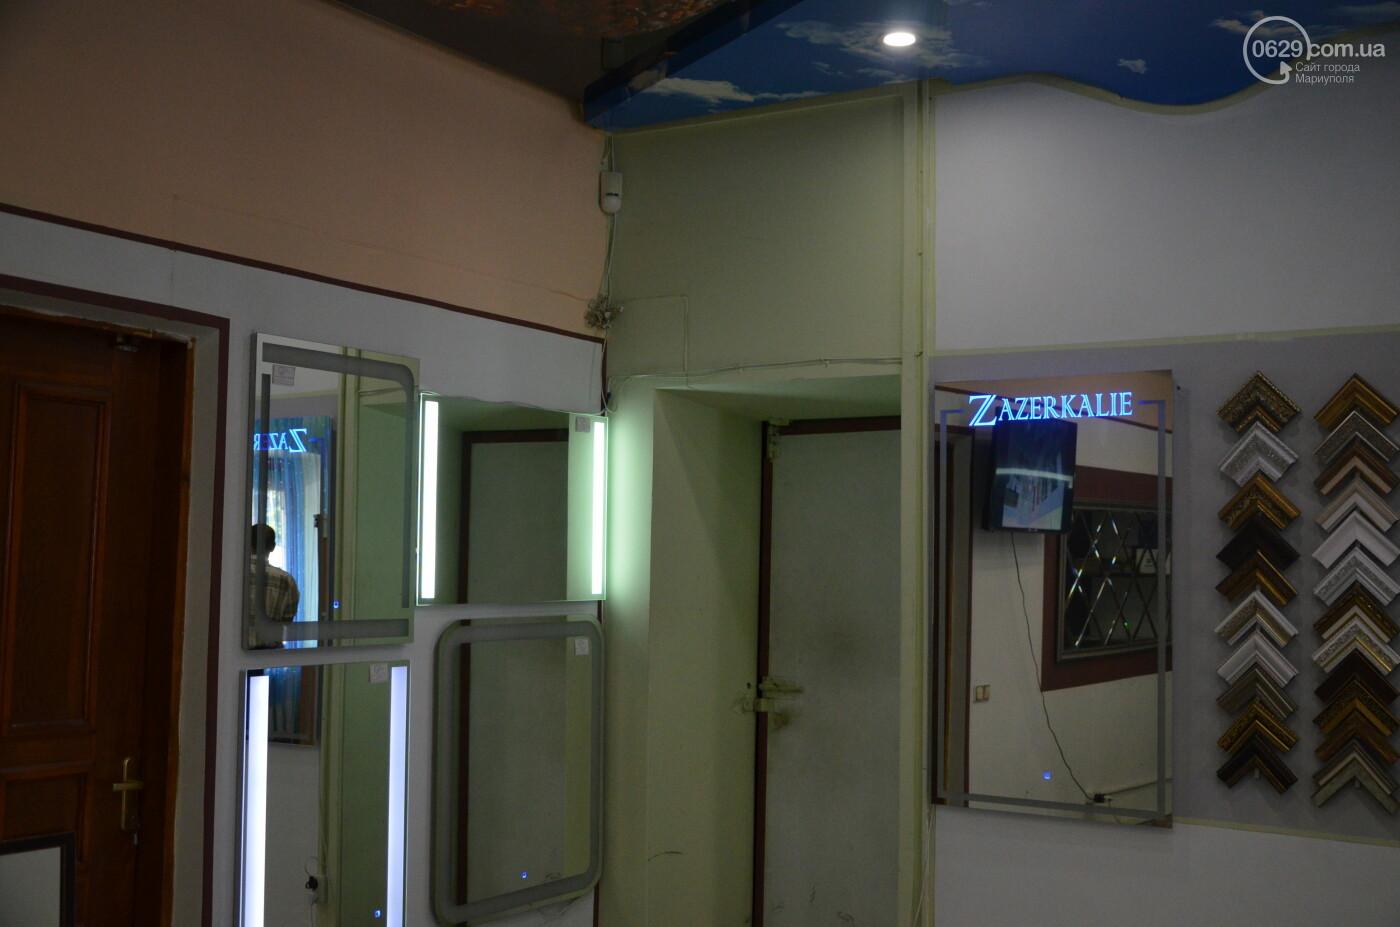 LED зеркала с логотипом заказчика от компании  «Zazerkalie»  – современные и стильные элементы интерьера, фото-5